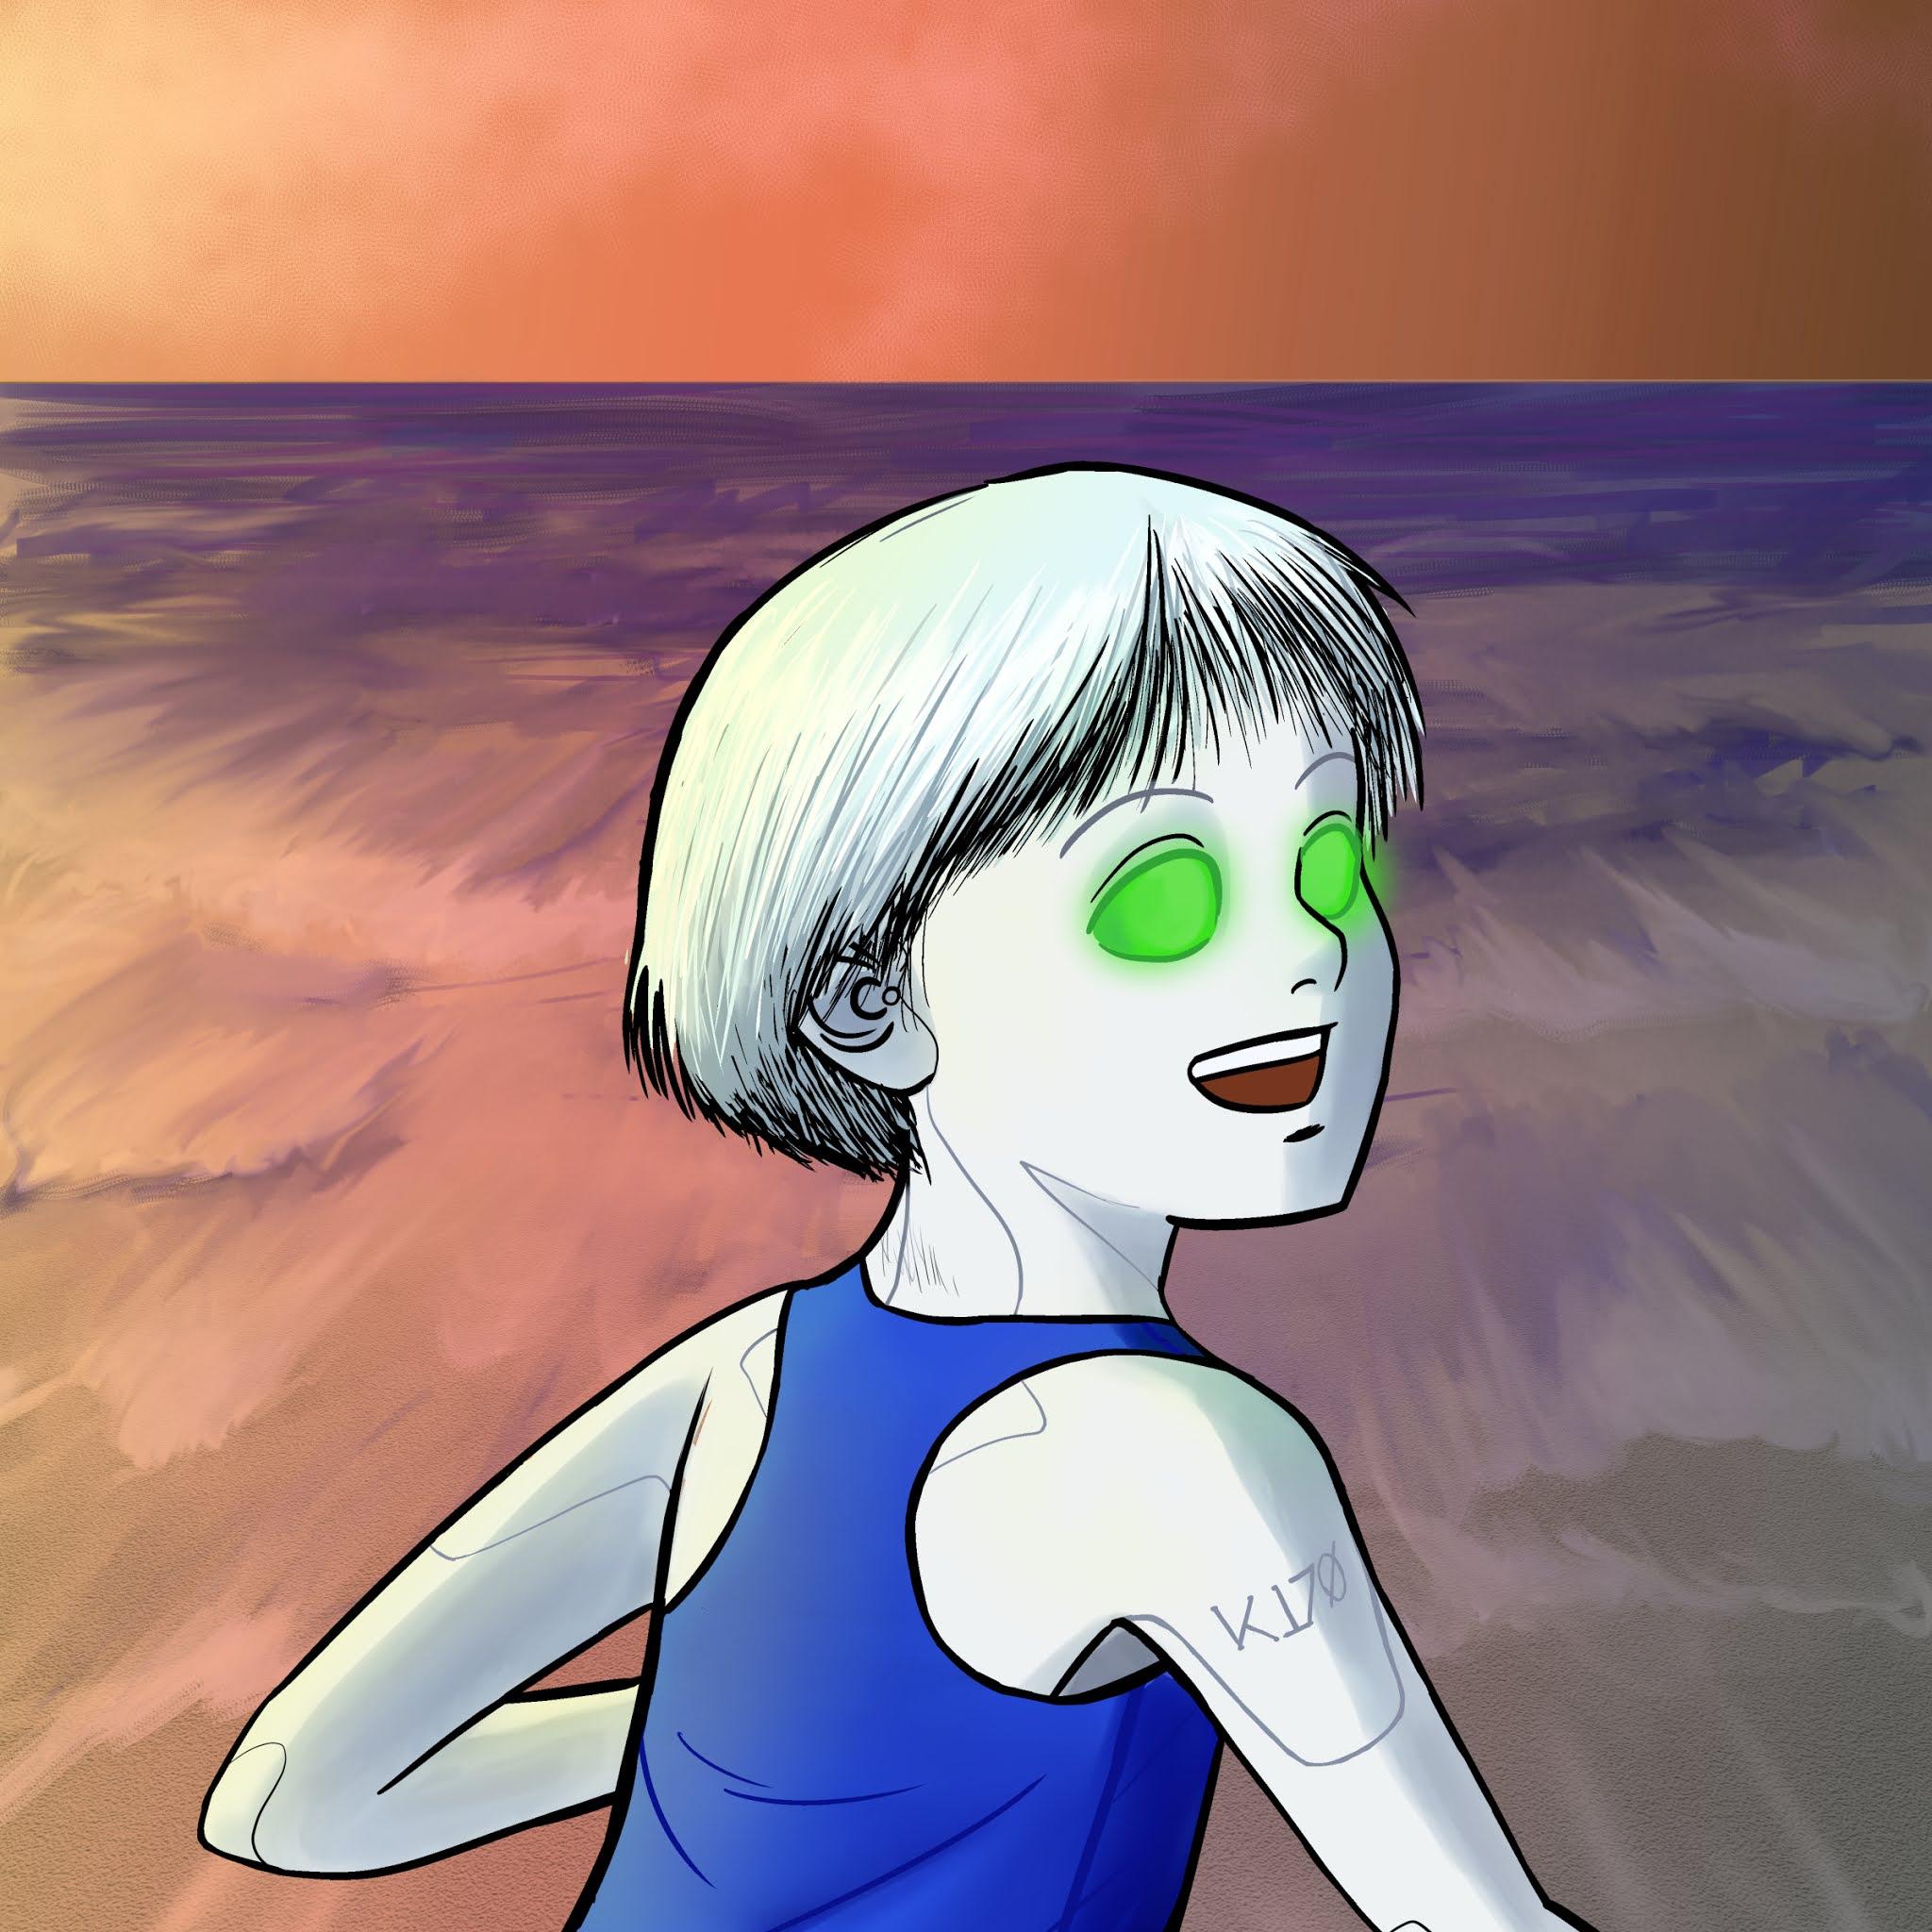 Marisa at the Beach